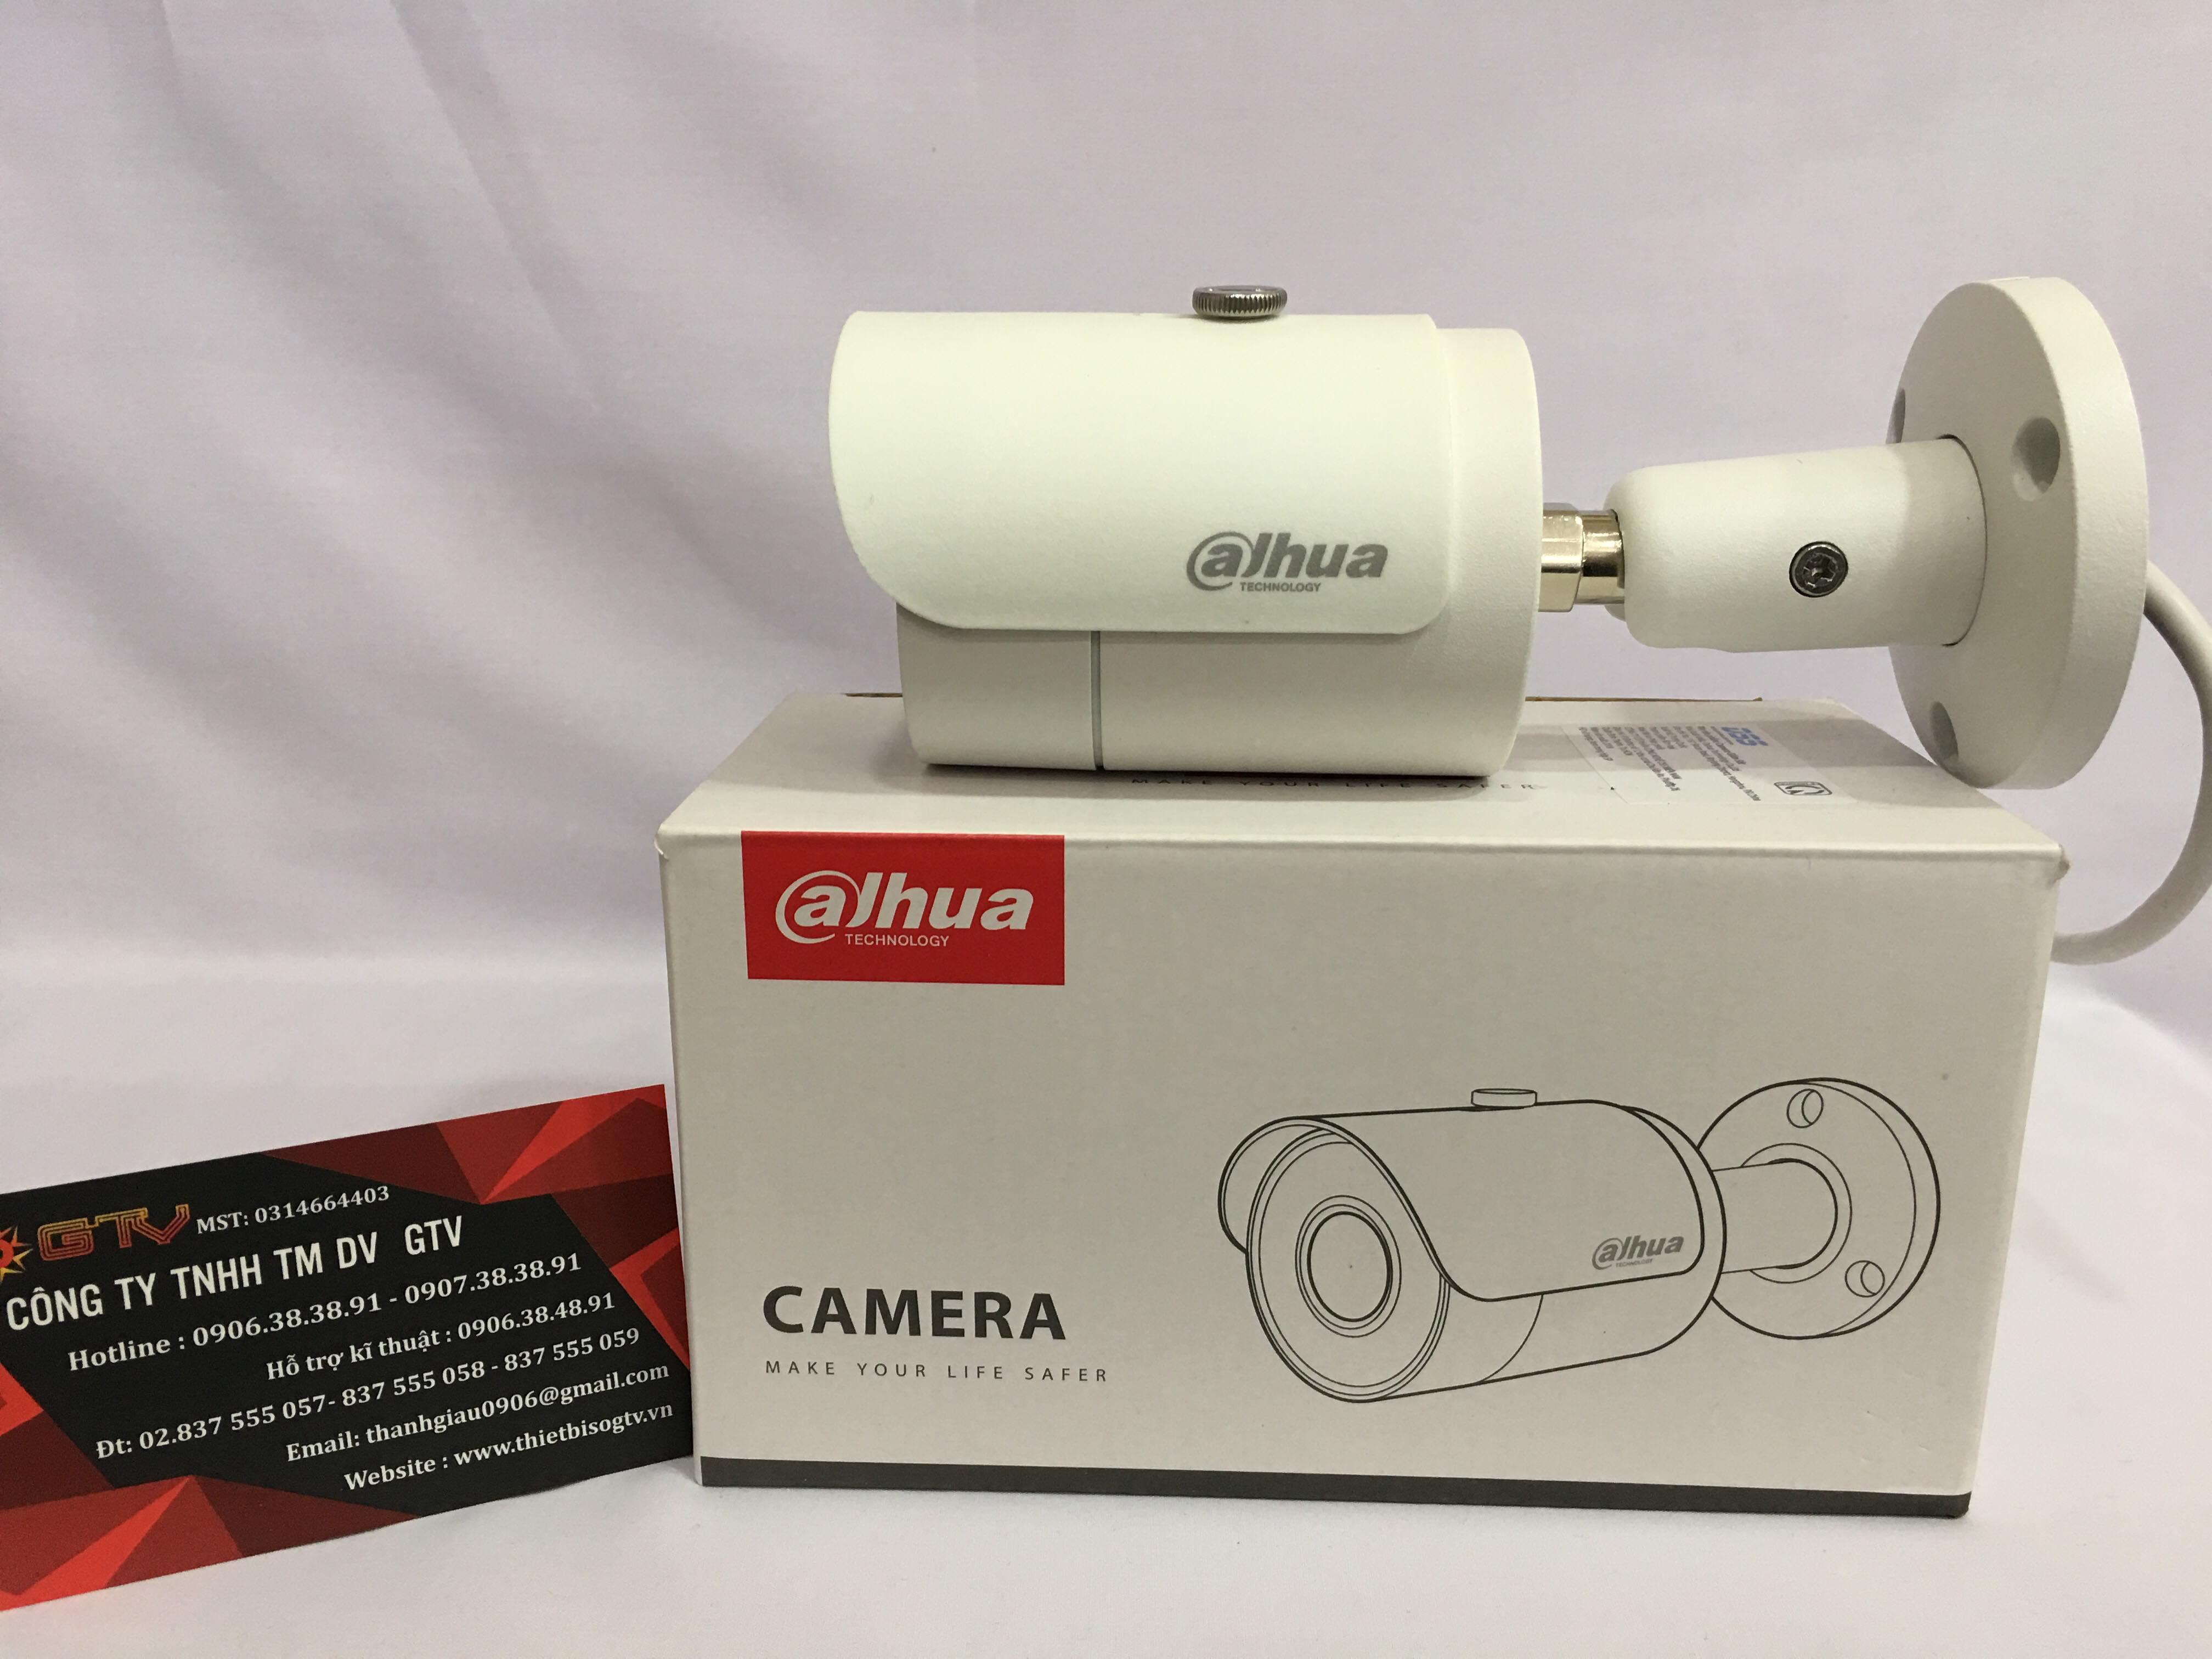 camera dahua dh-ipc-hfw4431sp